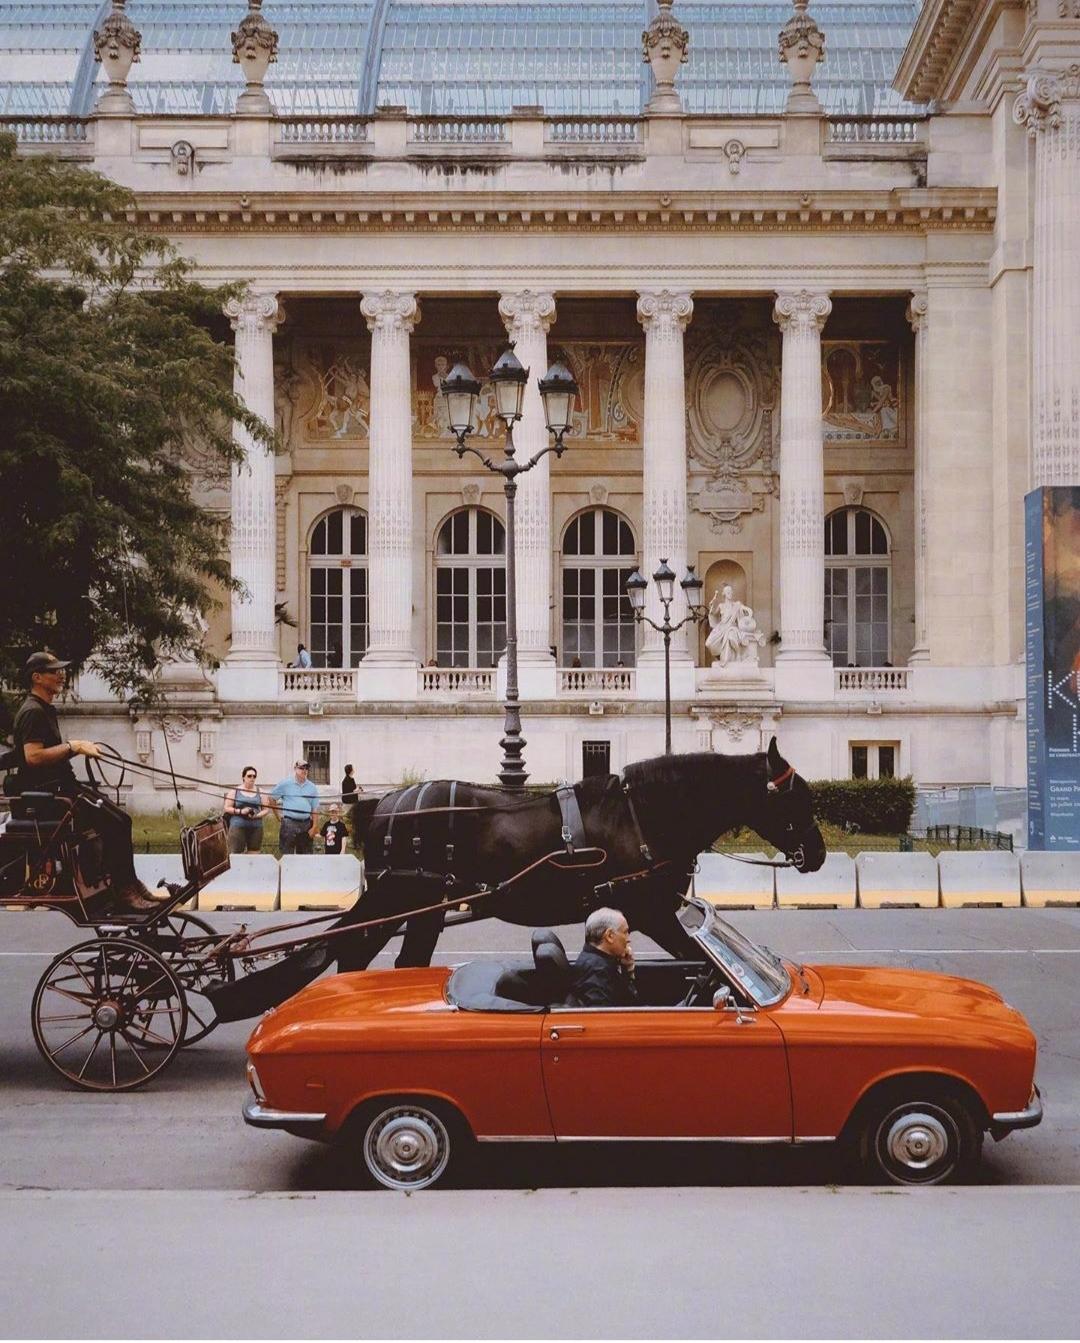 巴黎街头的古董车,想有一辆带你去兜风。